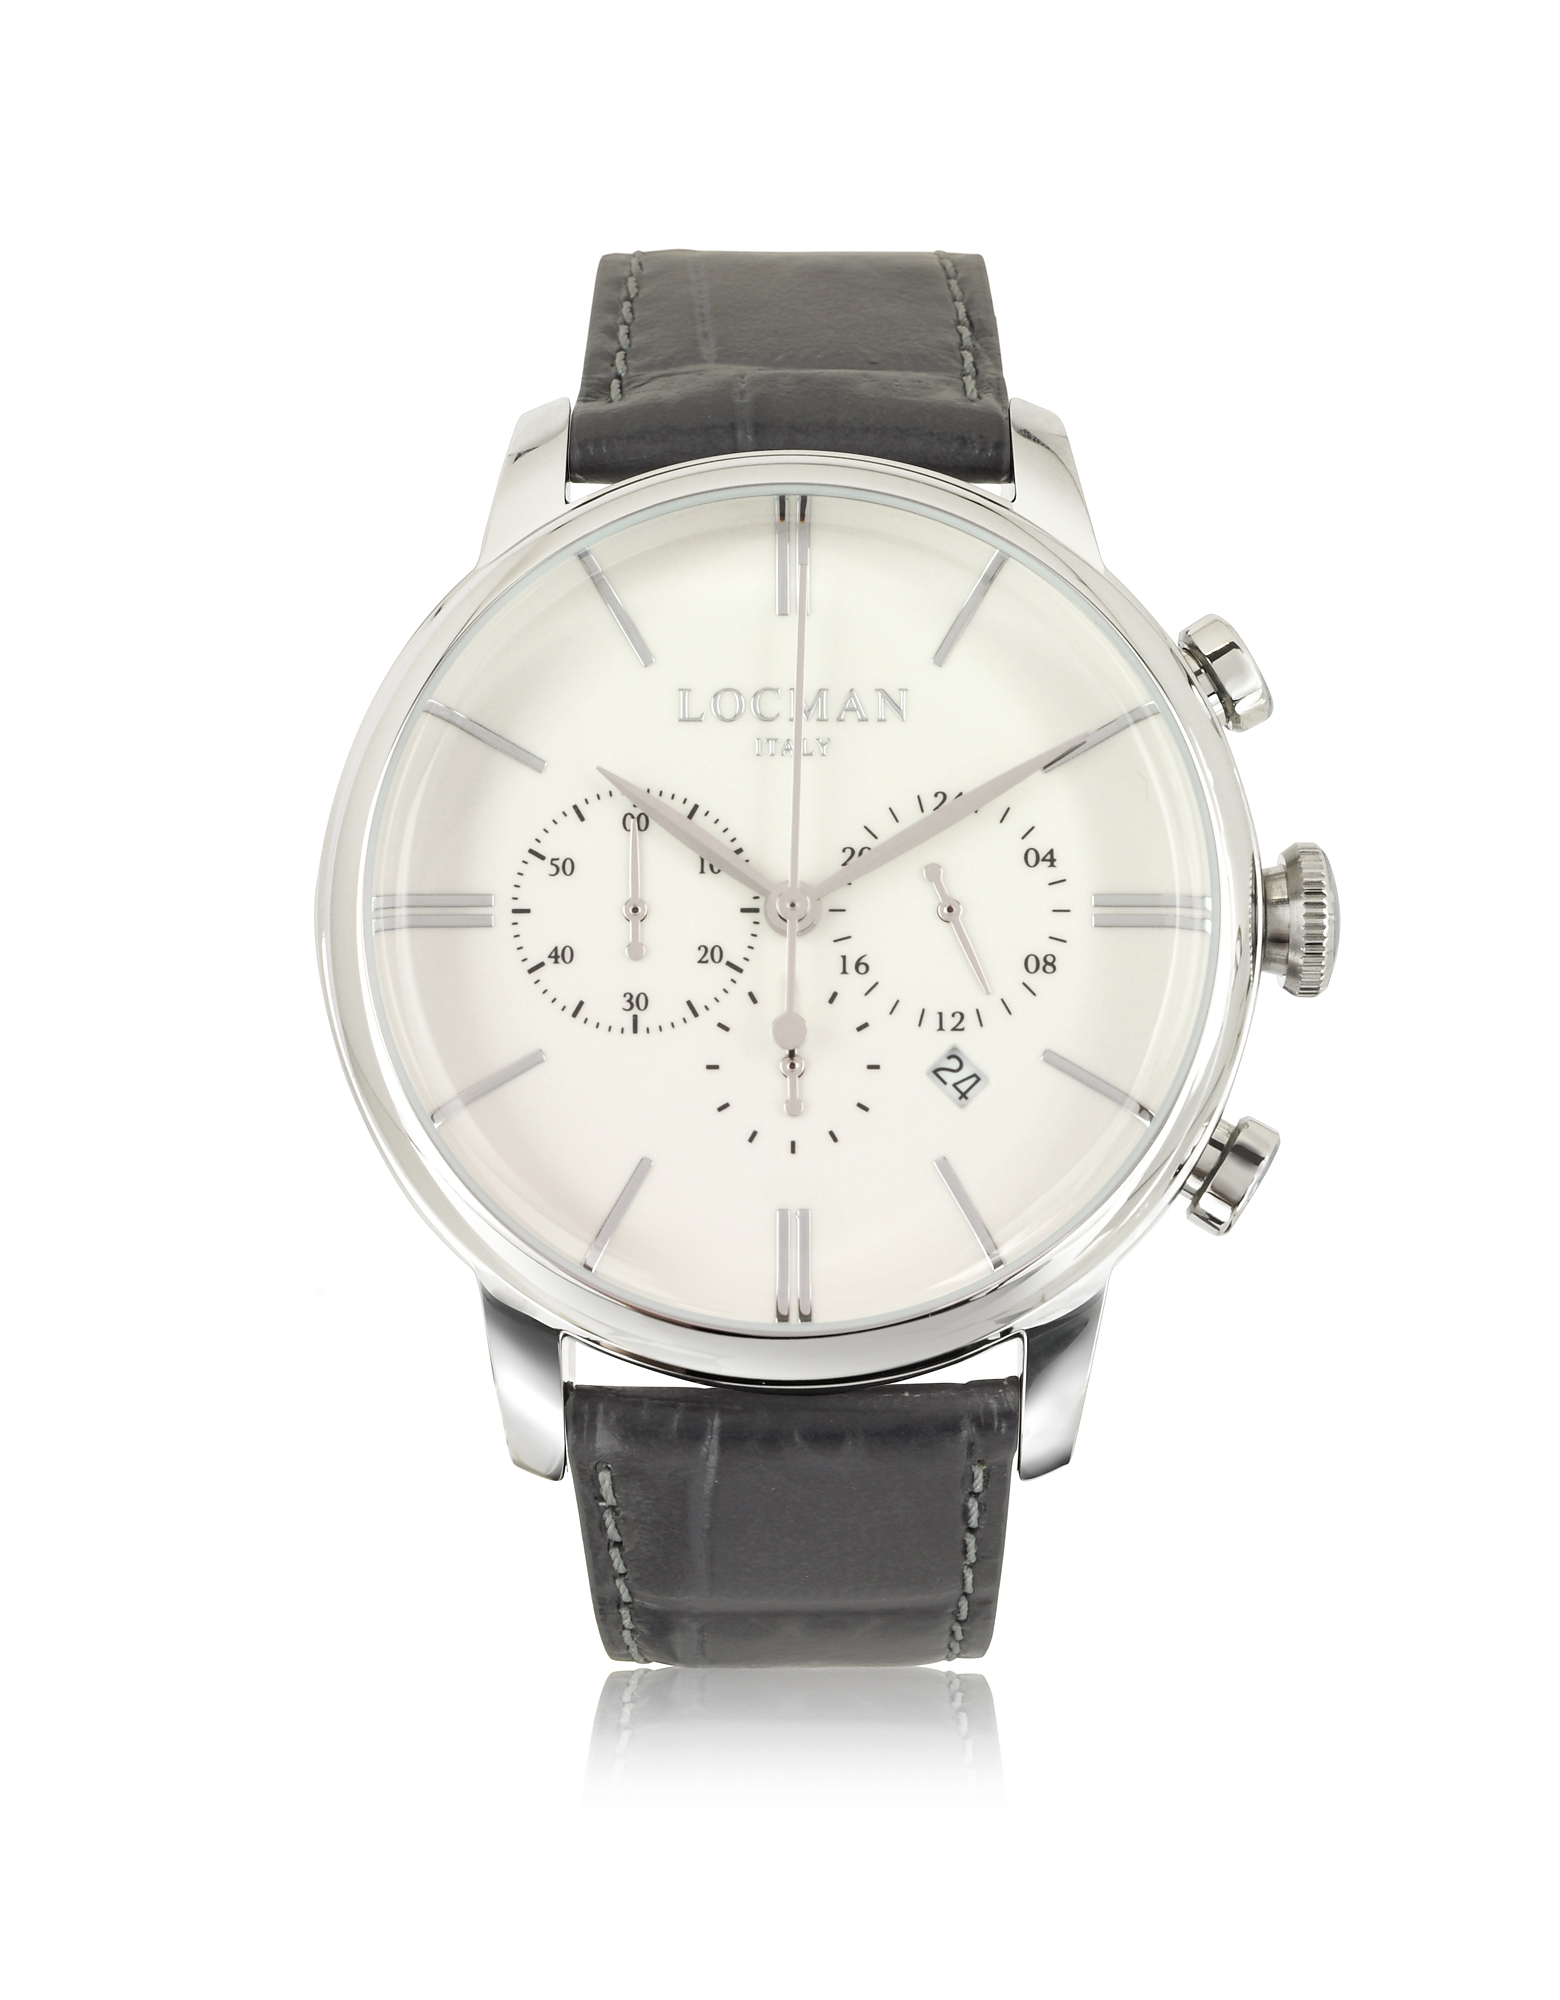 1960 - Мужские Часы Хронограф из Нержавеющей Стали на Коричневом Ремешке из Кожи под Крокодиловую